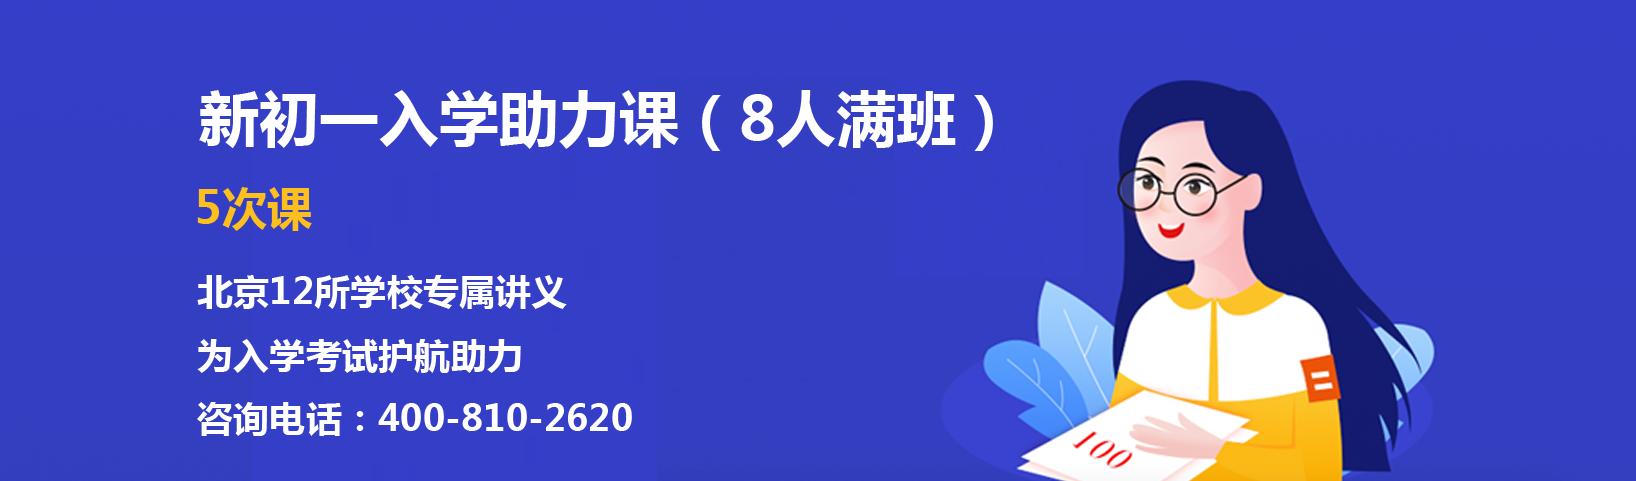 北京东城区新初一分班考试题